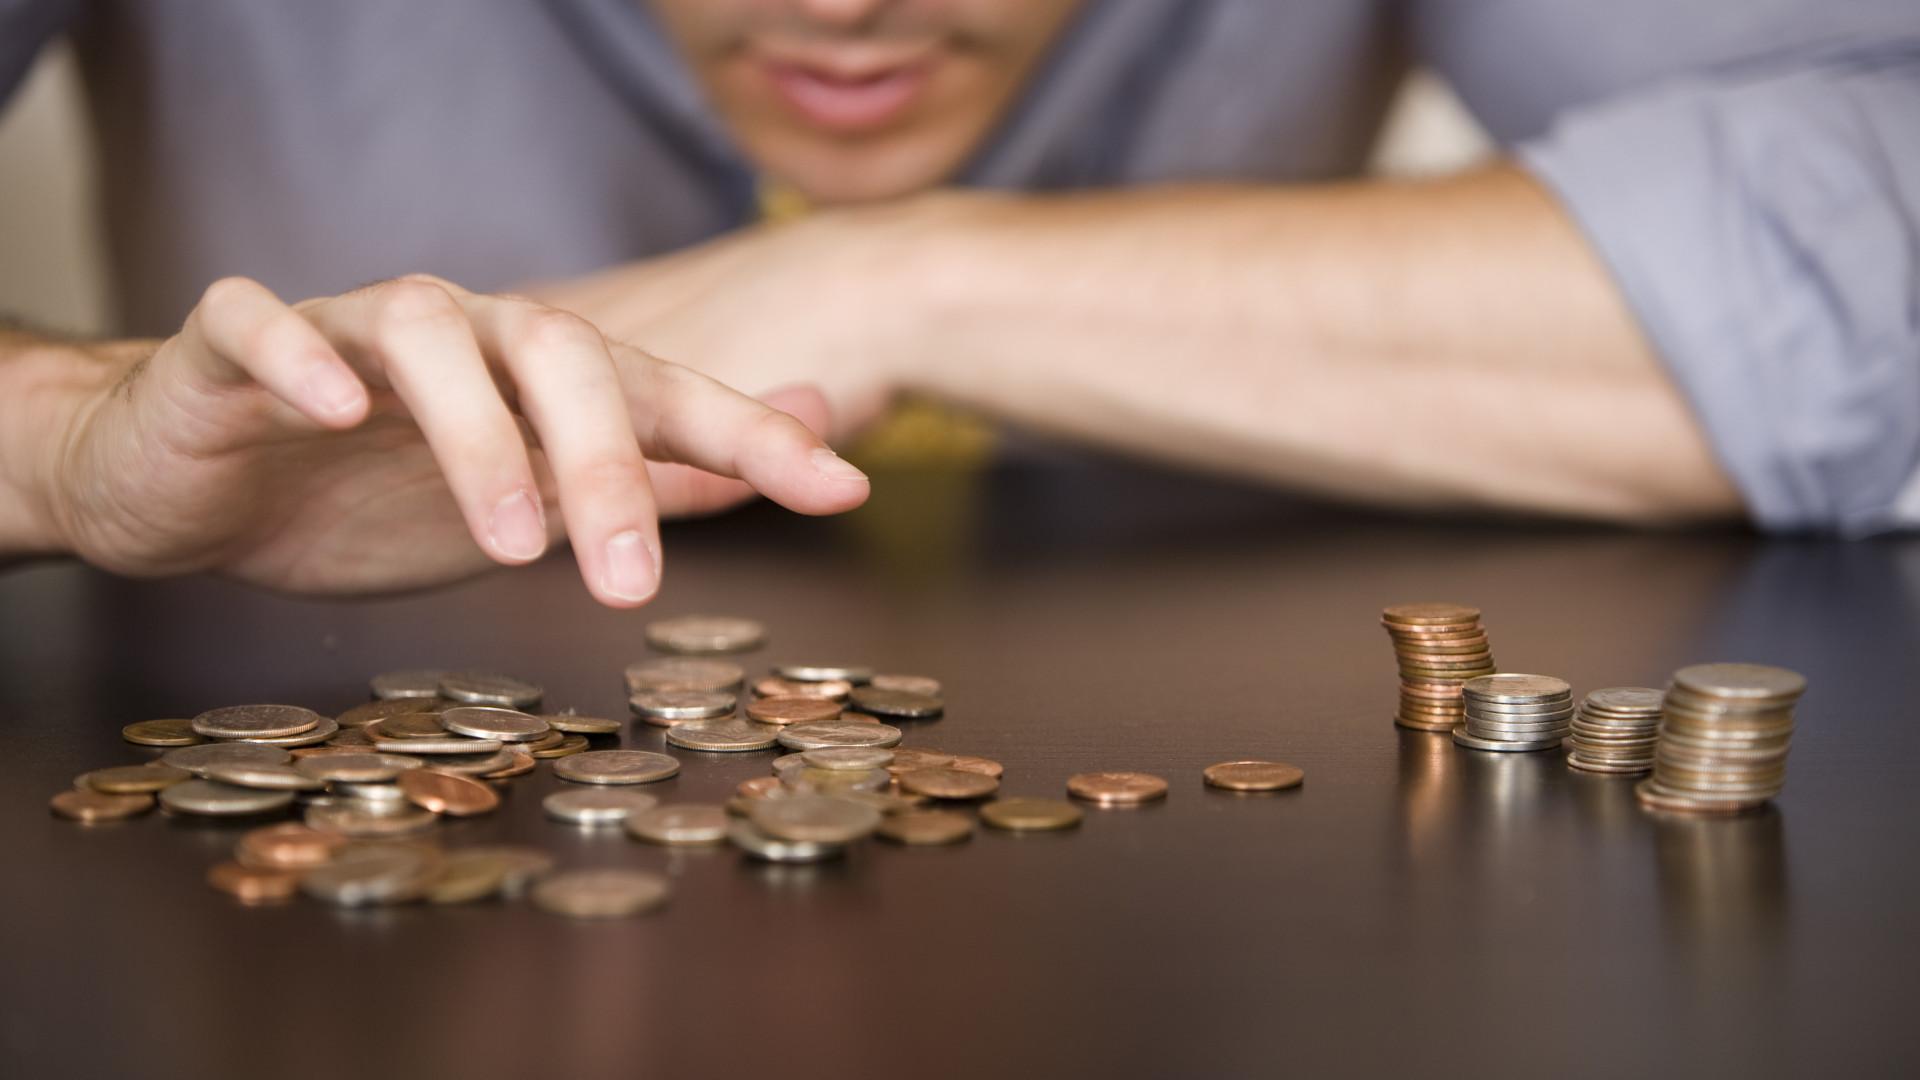 Estas são as expressões financeiras mais conhecidas. Adivinha quais são?